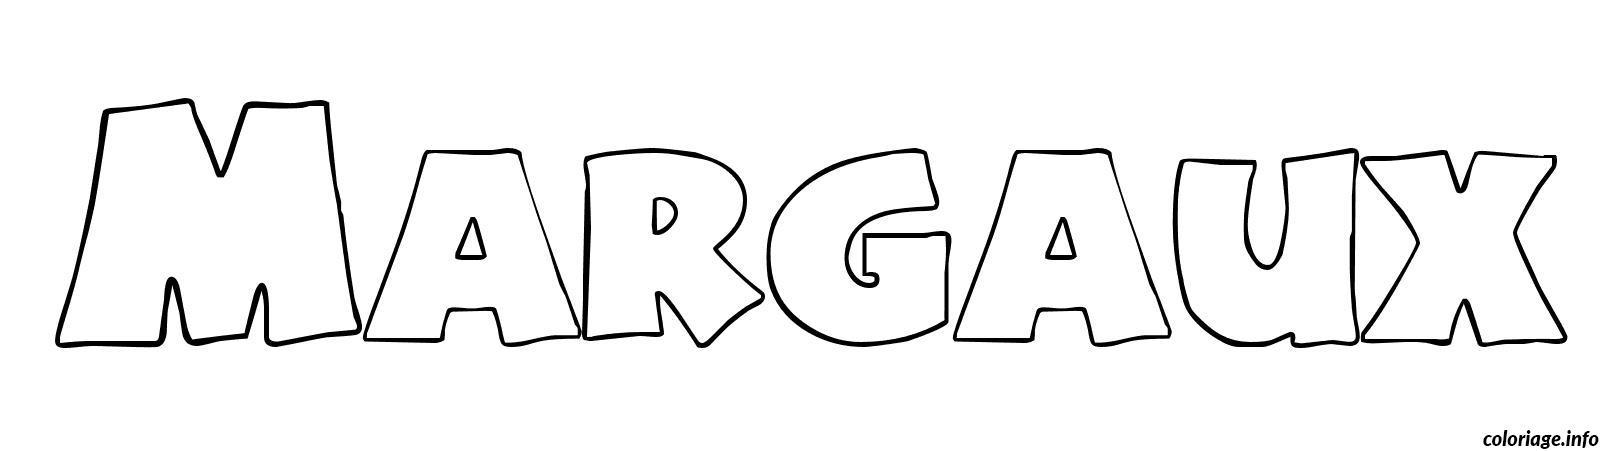 Coloriage margaux dessin - Dessin de prenom ...